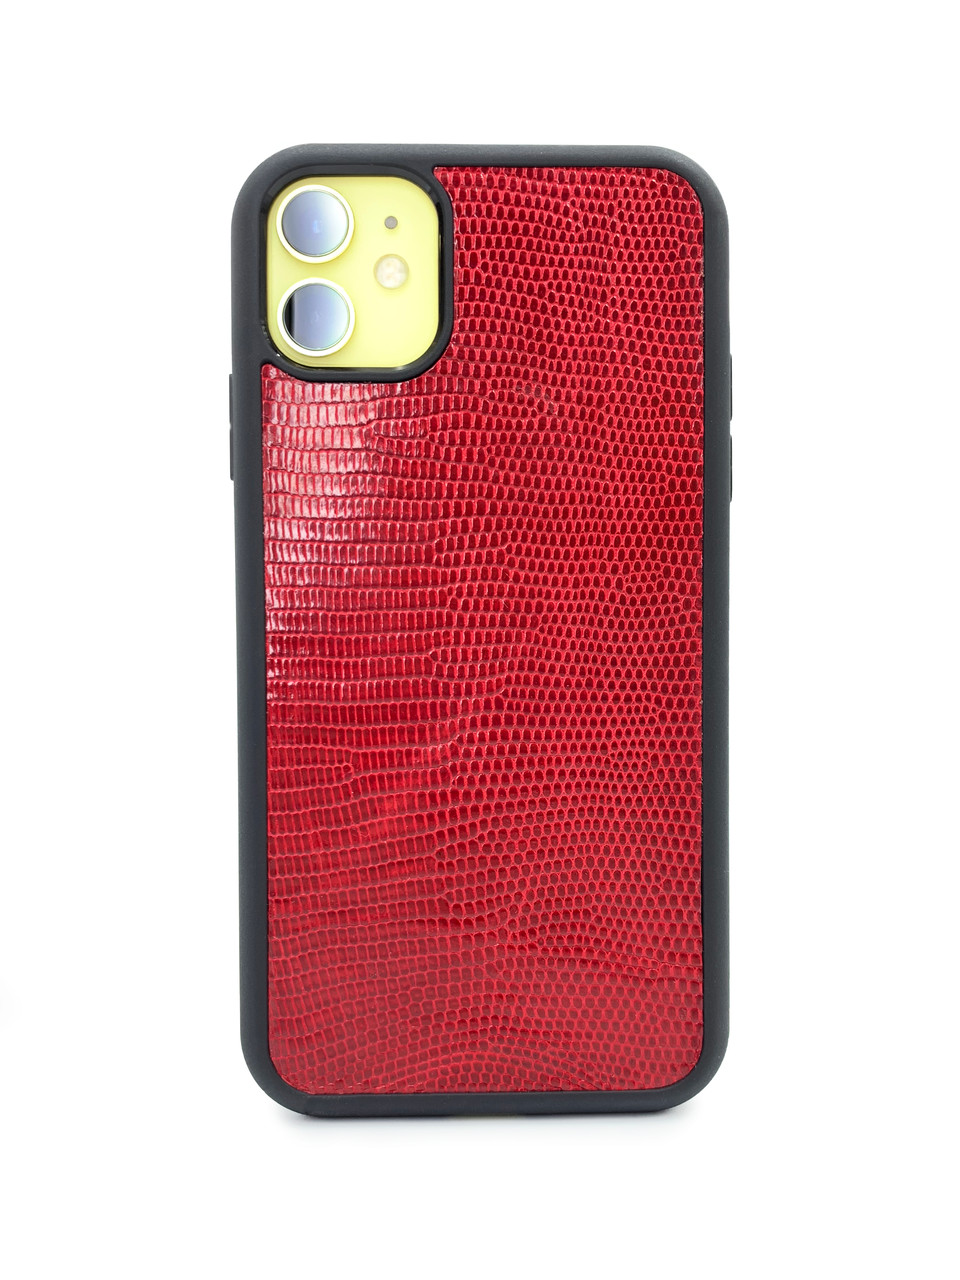 Чехол для iPhone 11 красного цвета из кожи Игуаны